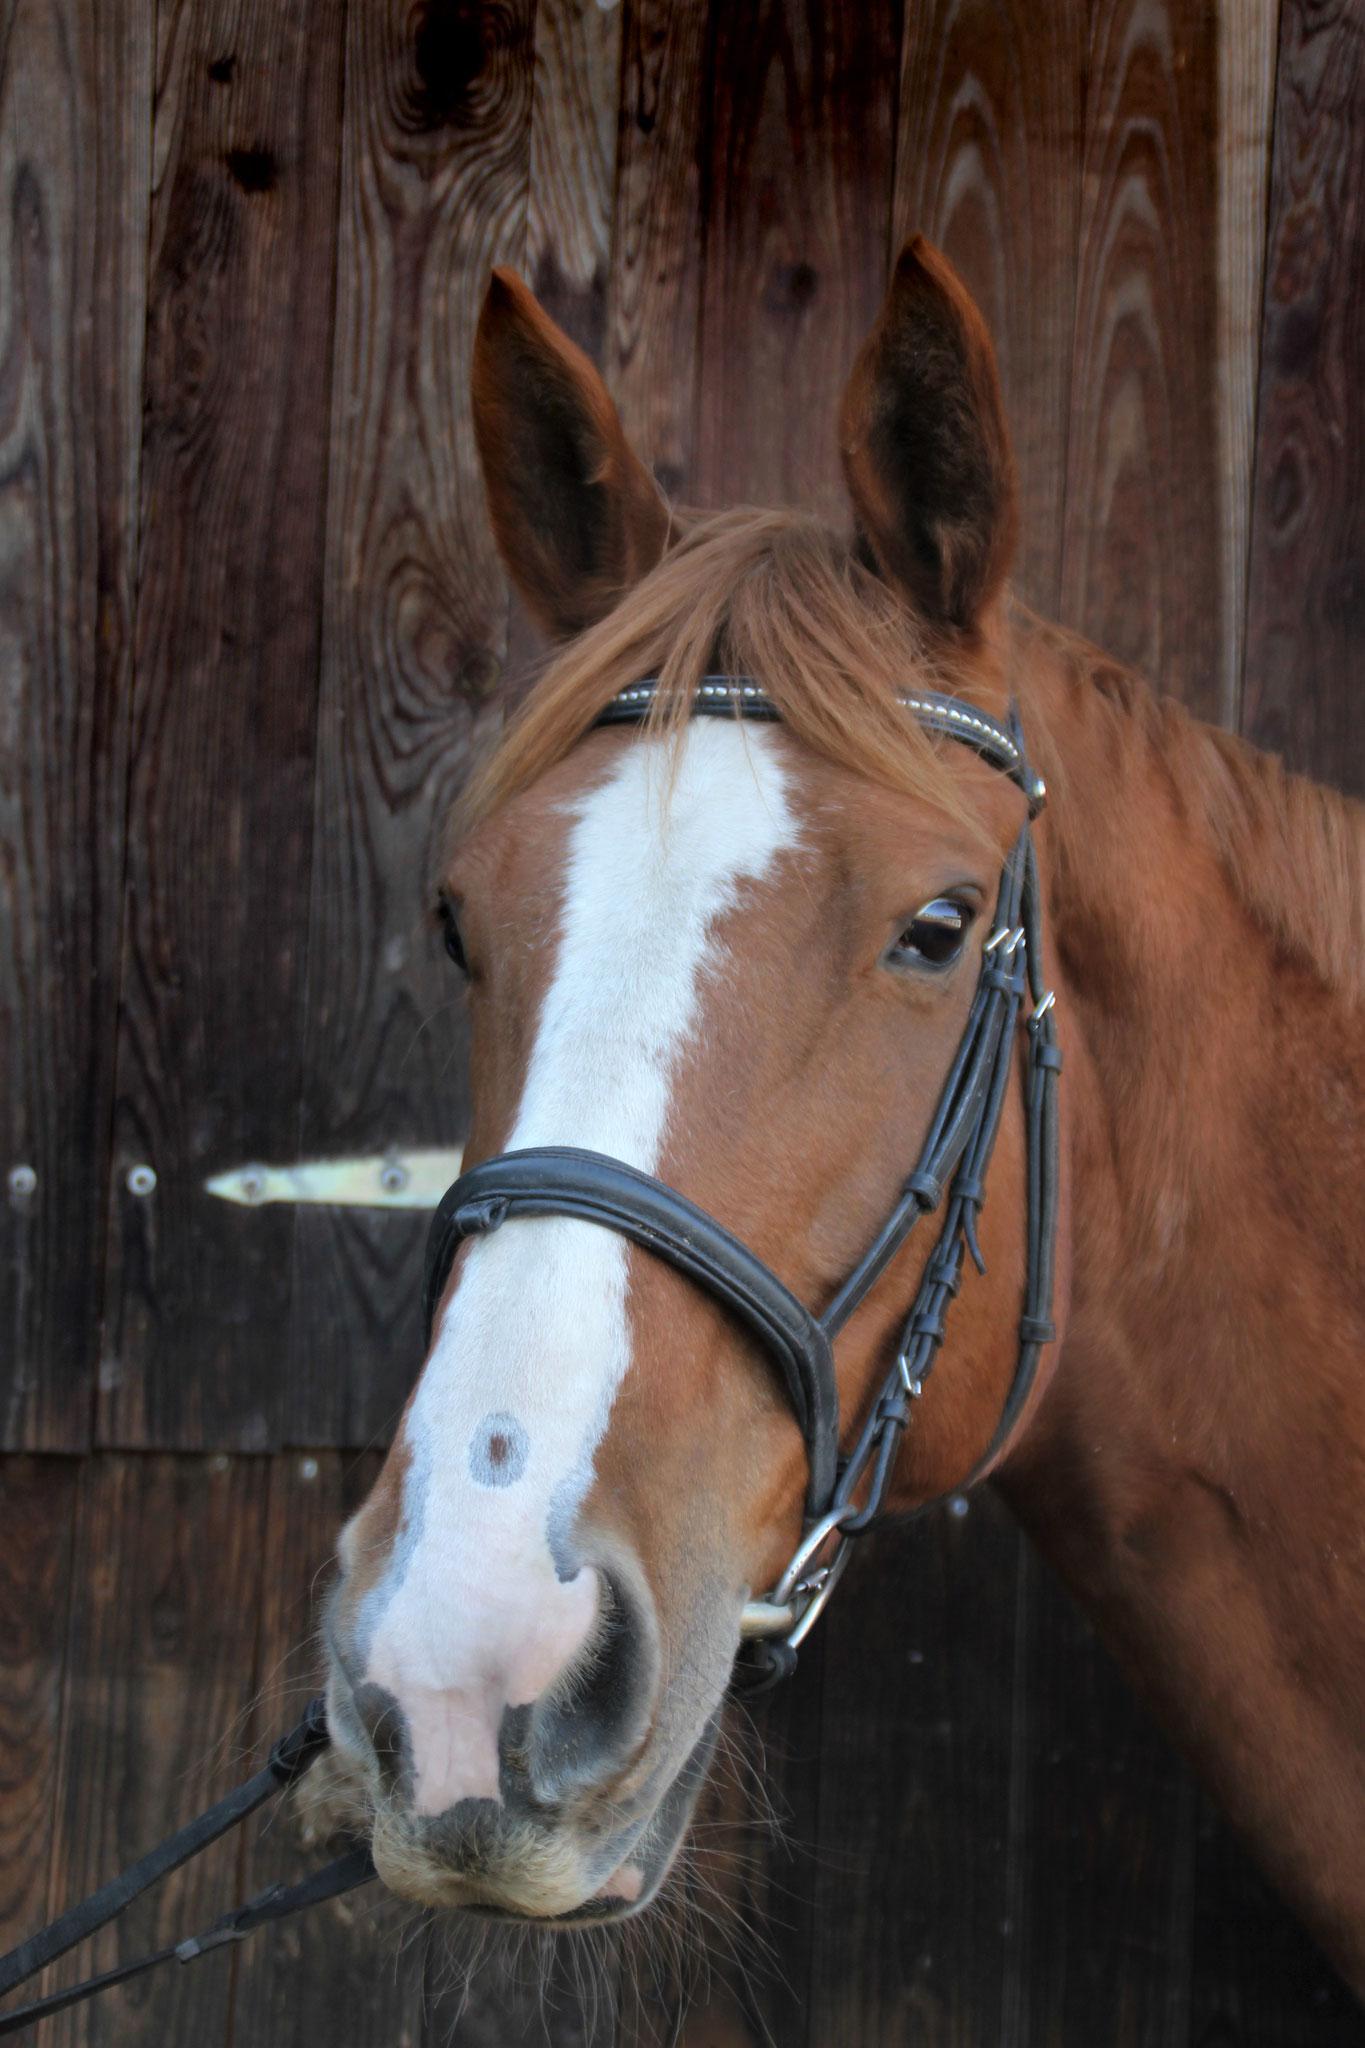 London Dancer, geb. 2007, 179 cm. Ein Riese, der vor allem bei fortgeschrittenen Reitern durch seine Dressurqualitäten begehrt ist.